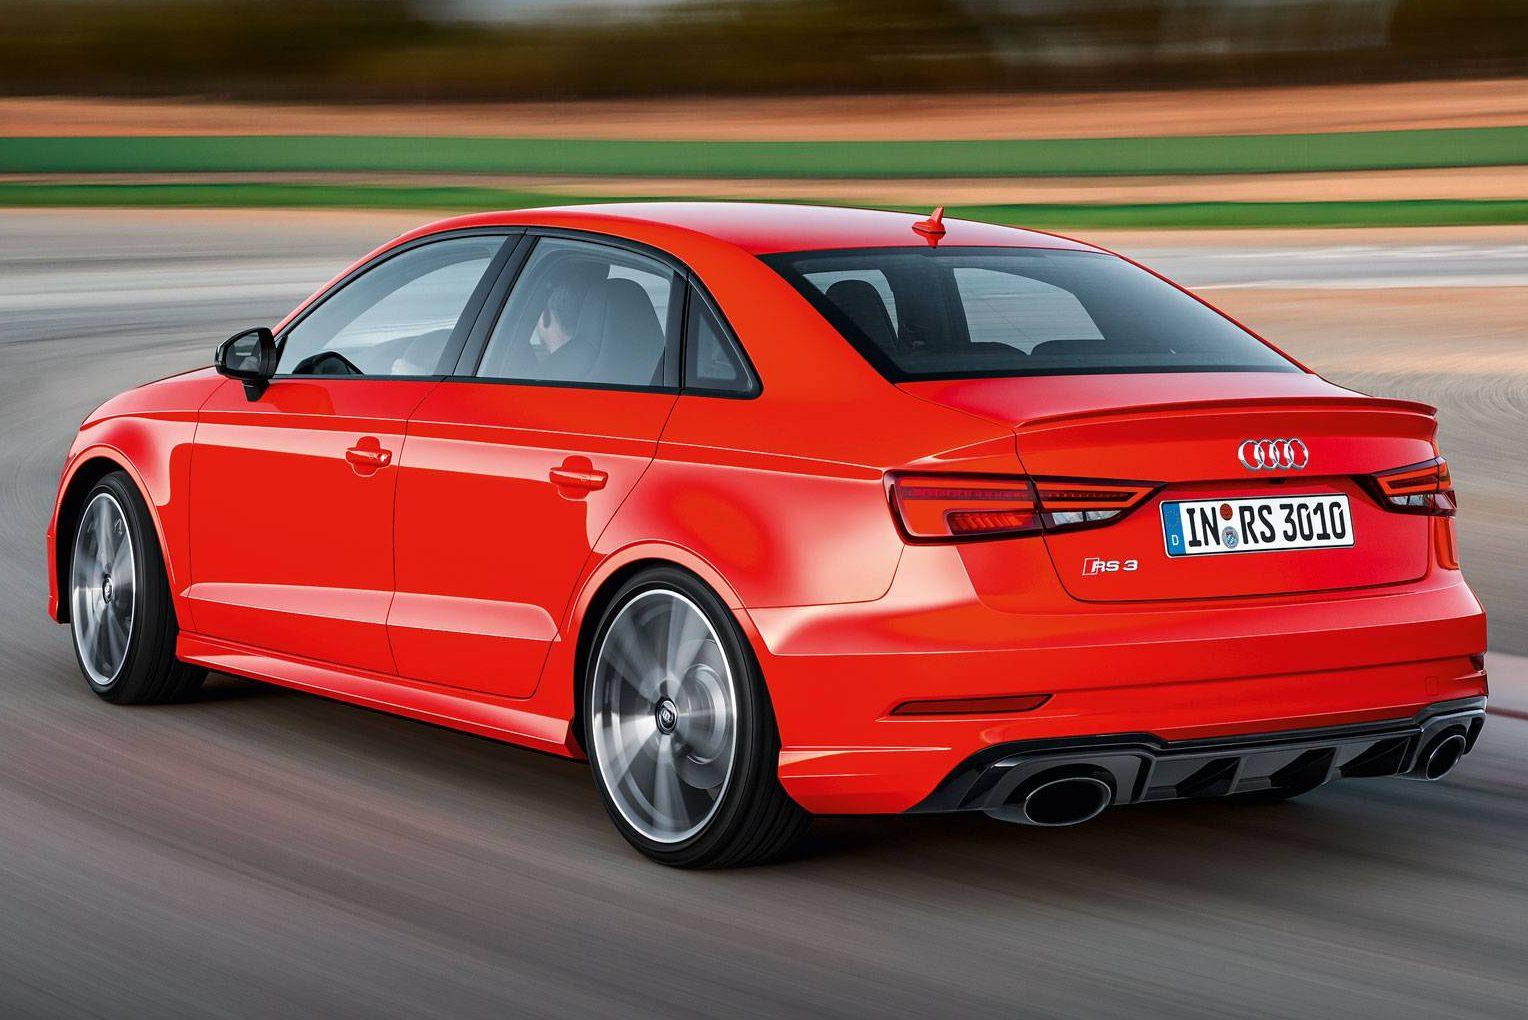 Por Que Os Pneus Traseiros Sao Mais Estreitos No Audi Rs 3 Sedan Quatro Rodas